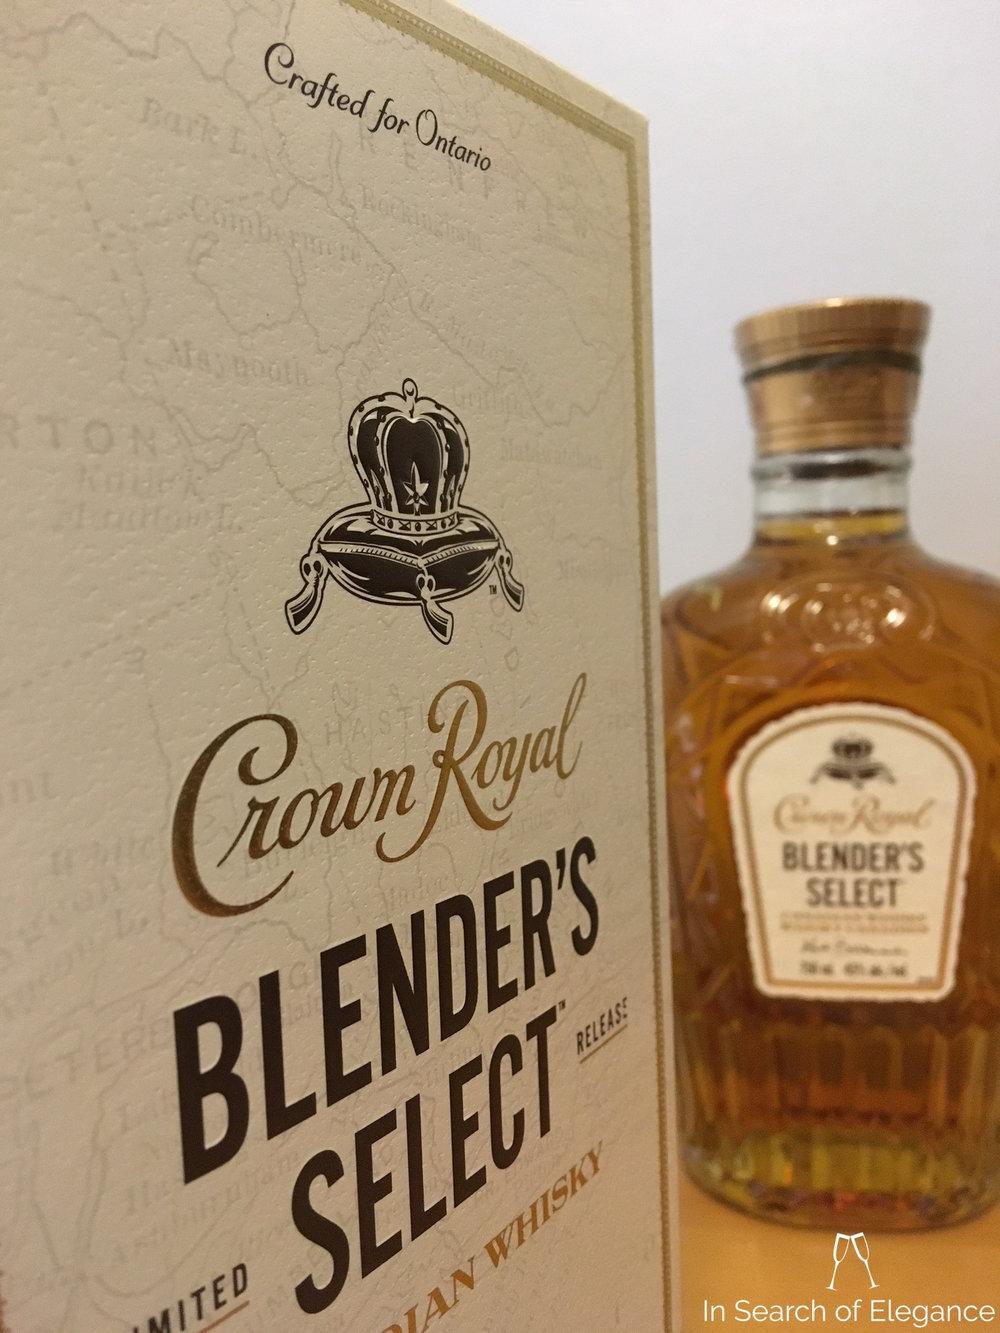 Crown Royal Blenders Select (2).jpg